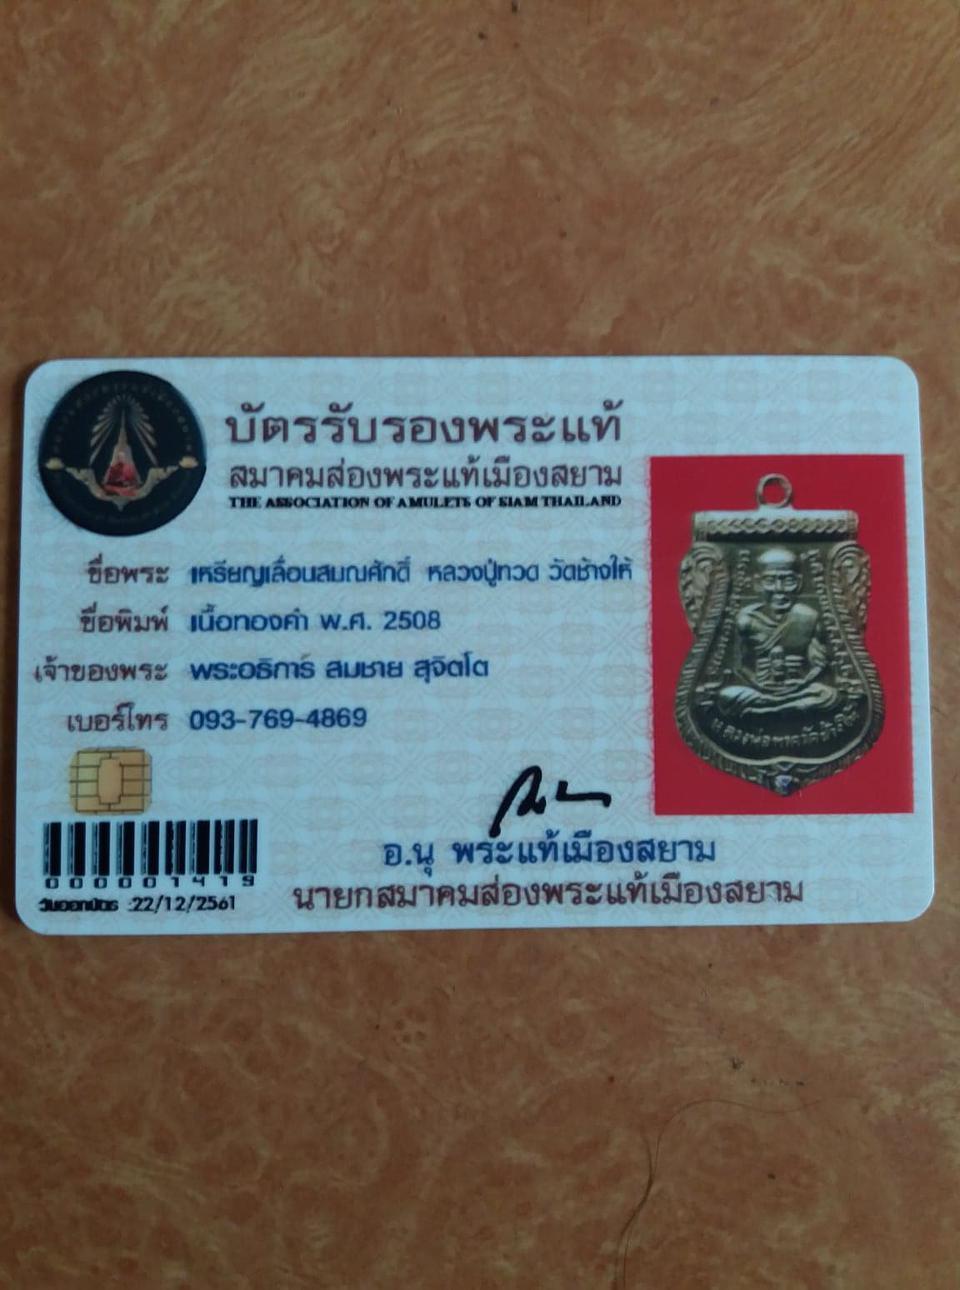 เหรียญเลื่อนสมณศักดิ์วัดช้างให้ปี 08 เนื้อทองคำแท้ สนใจทักมา รูปที่ 2